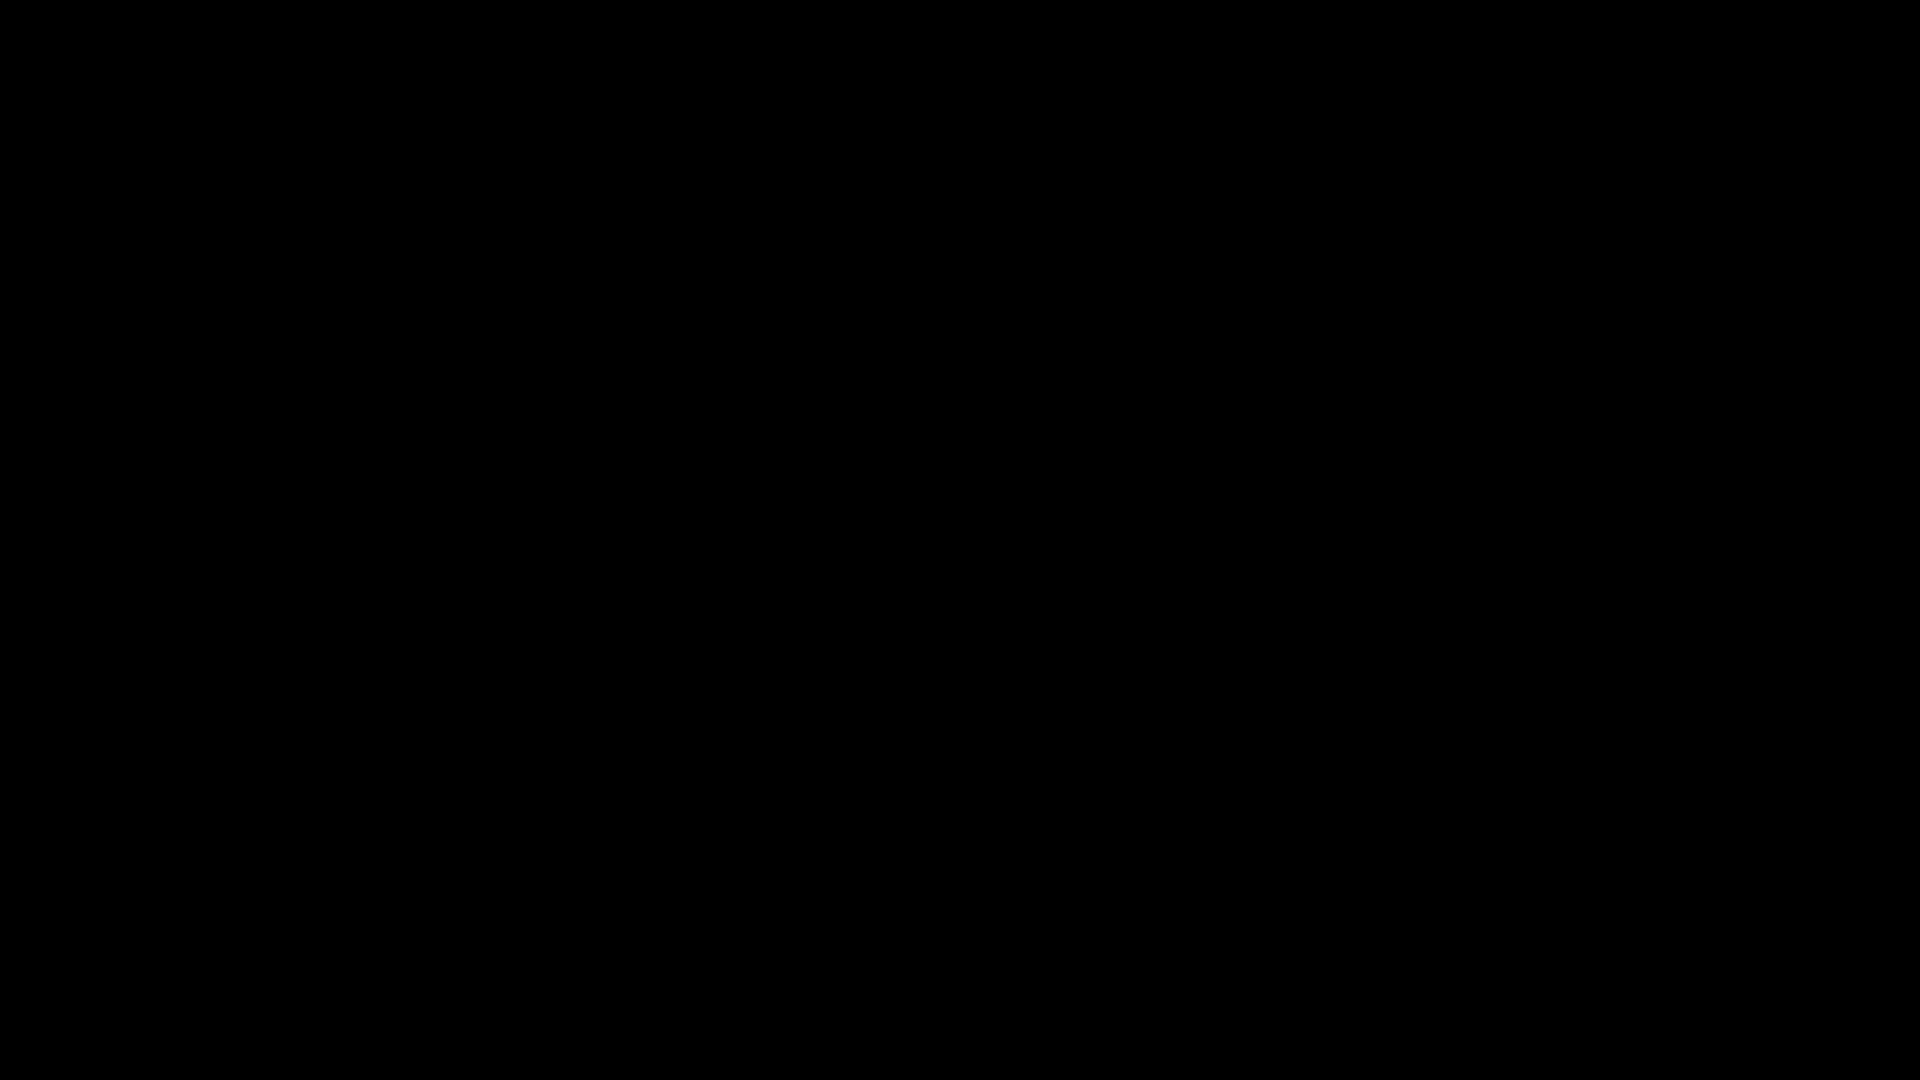 RocketLeague, RocketLeague GIFs